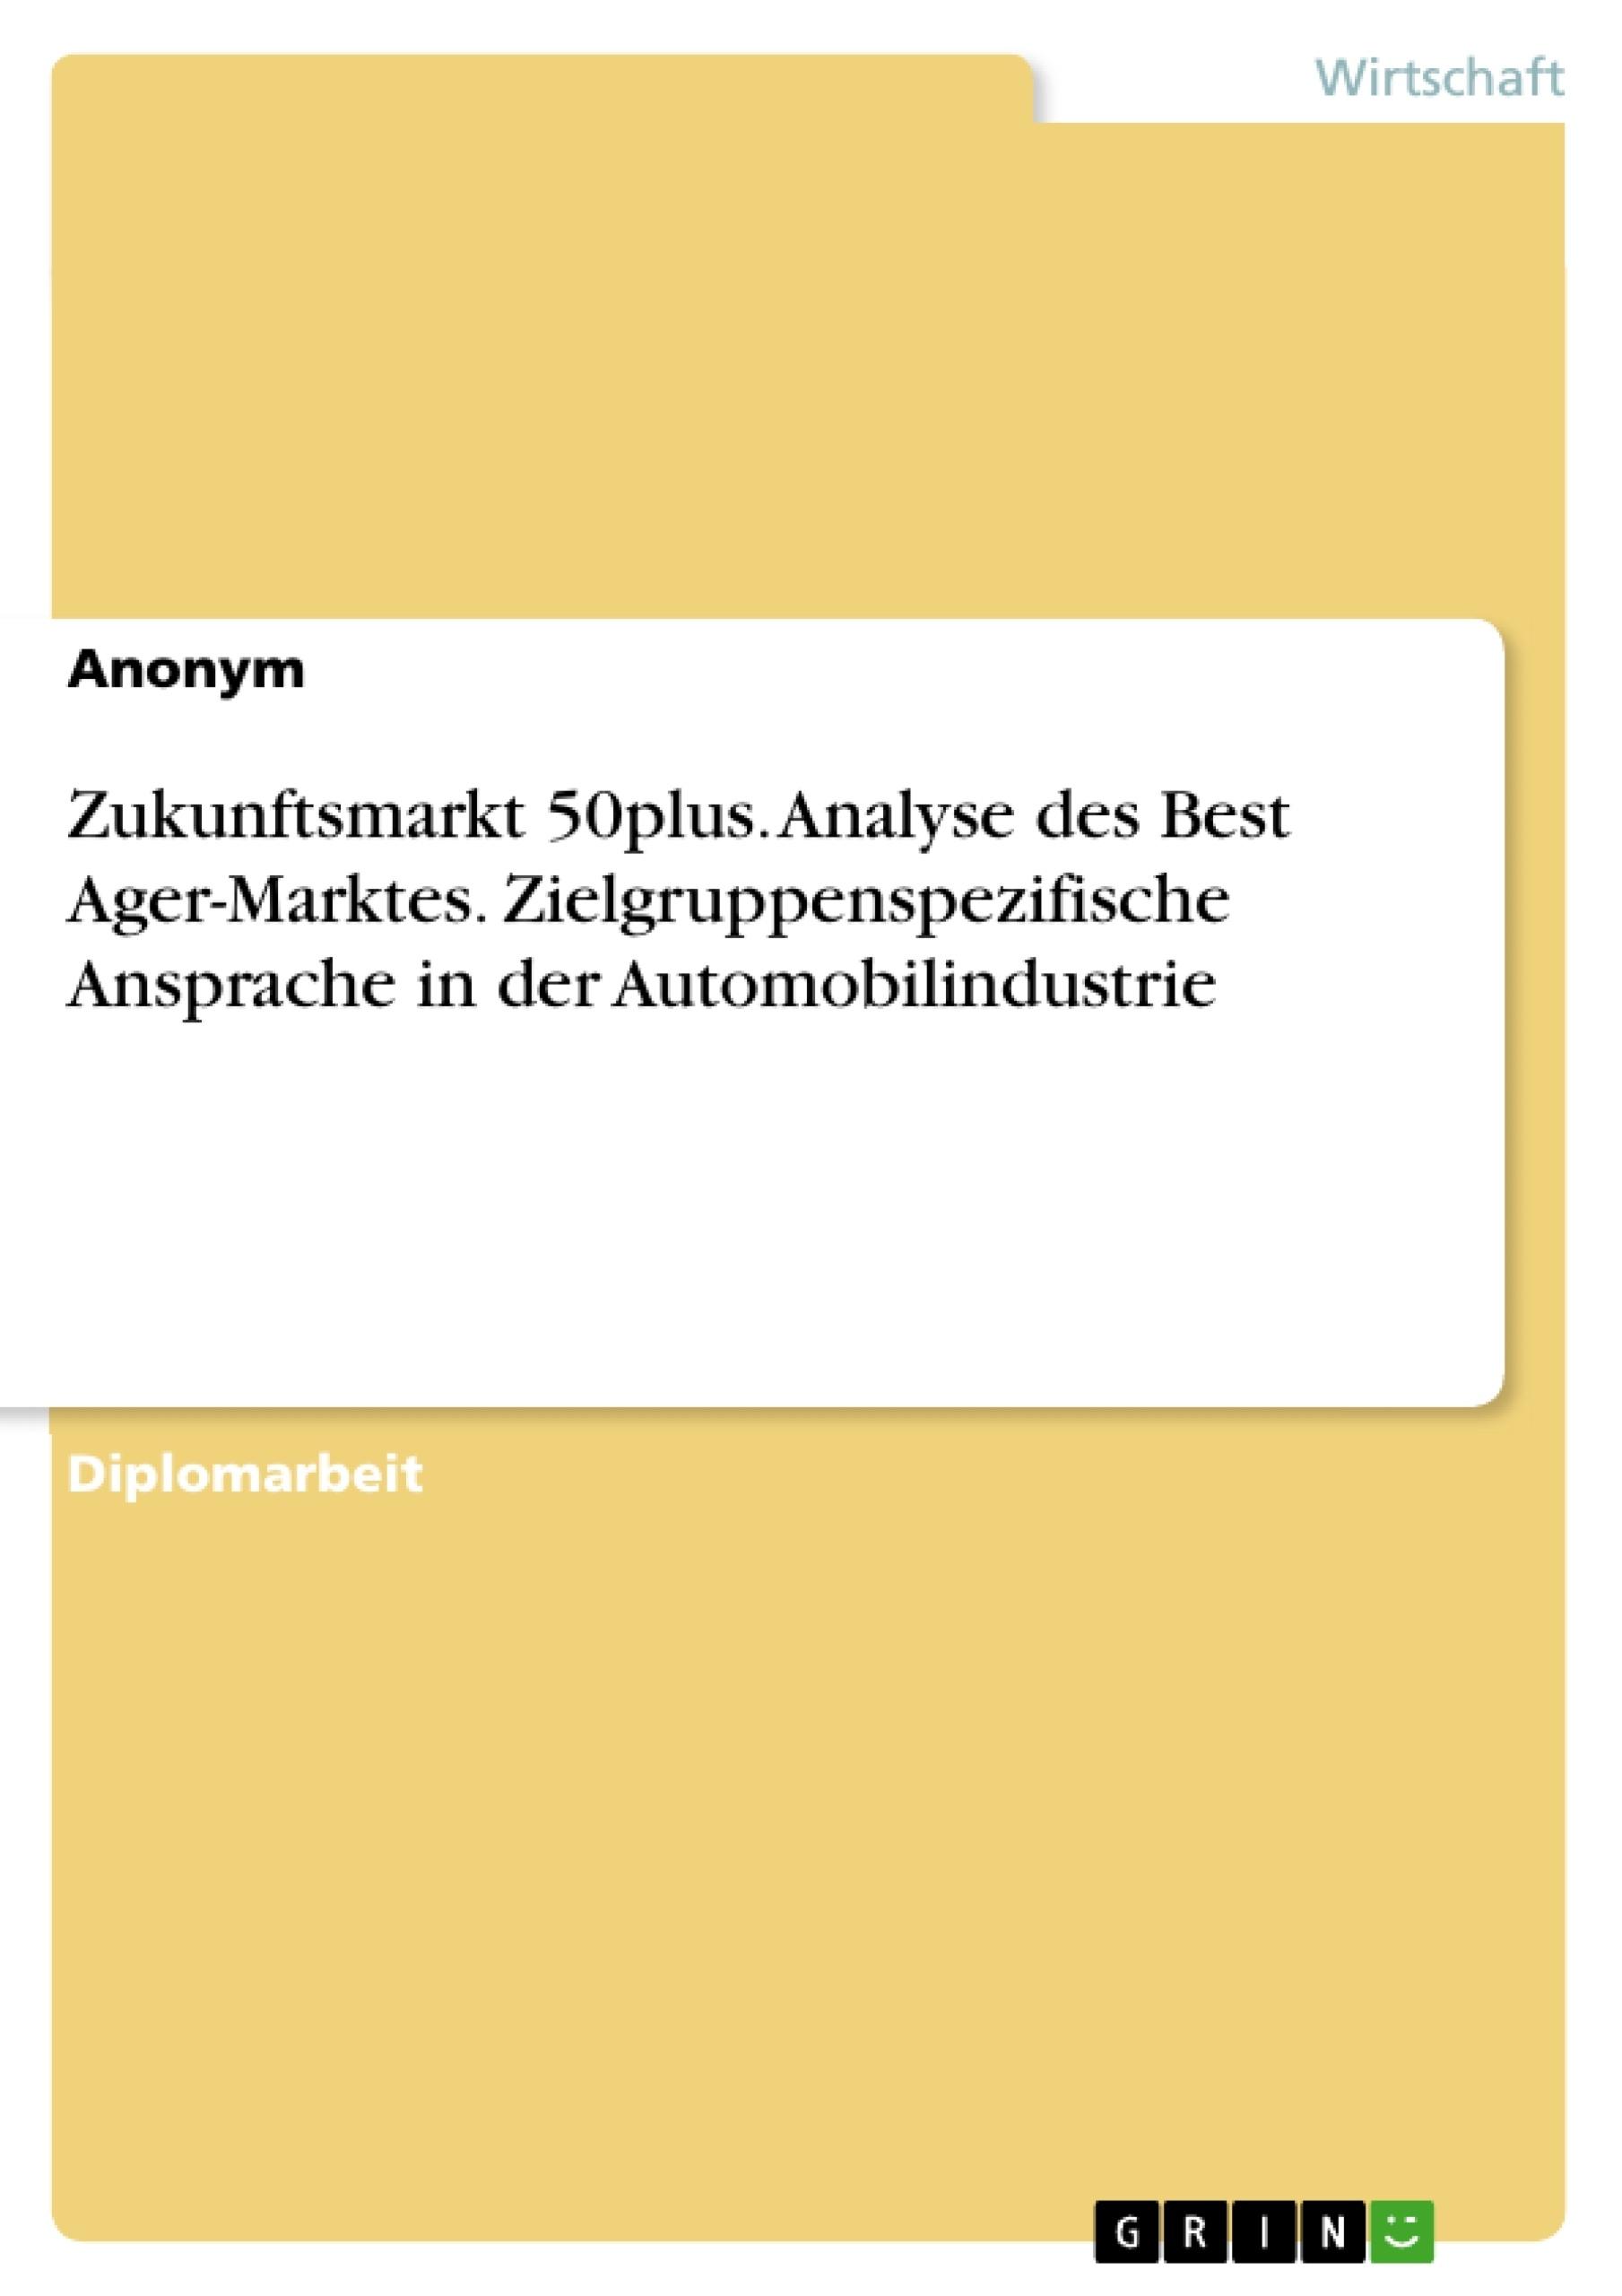 Titel: Zukunftsmarkt 50plus. Analyse des Best Ager-Marktes. Zielgruppenspezifische Ansprache in der Automobilindustrie